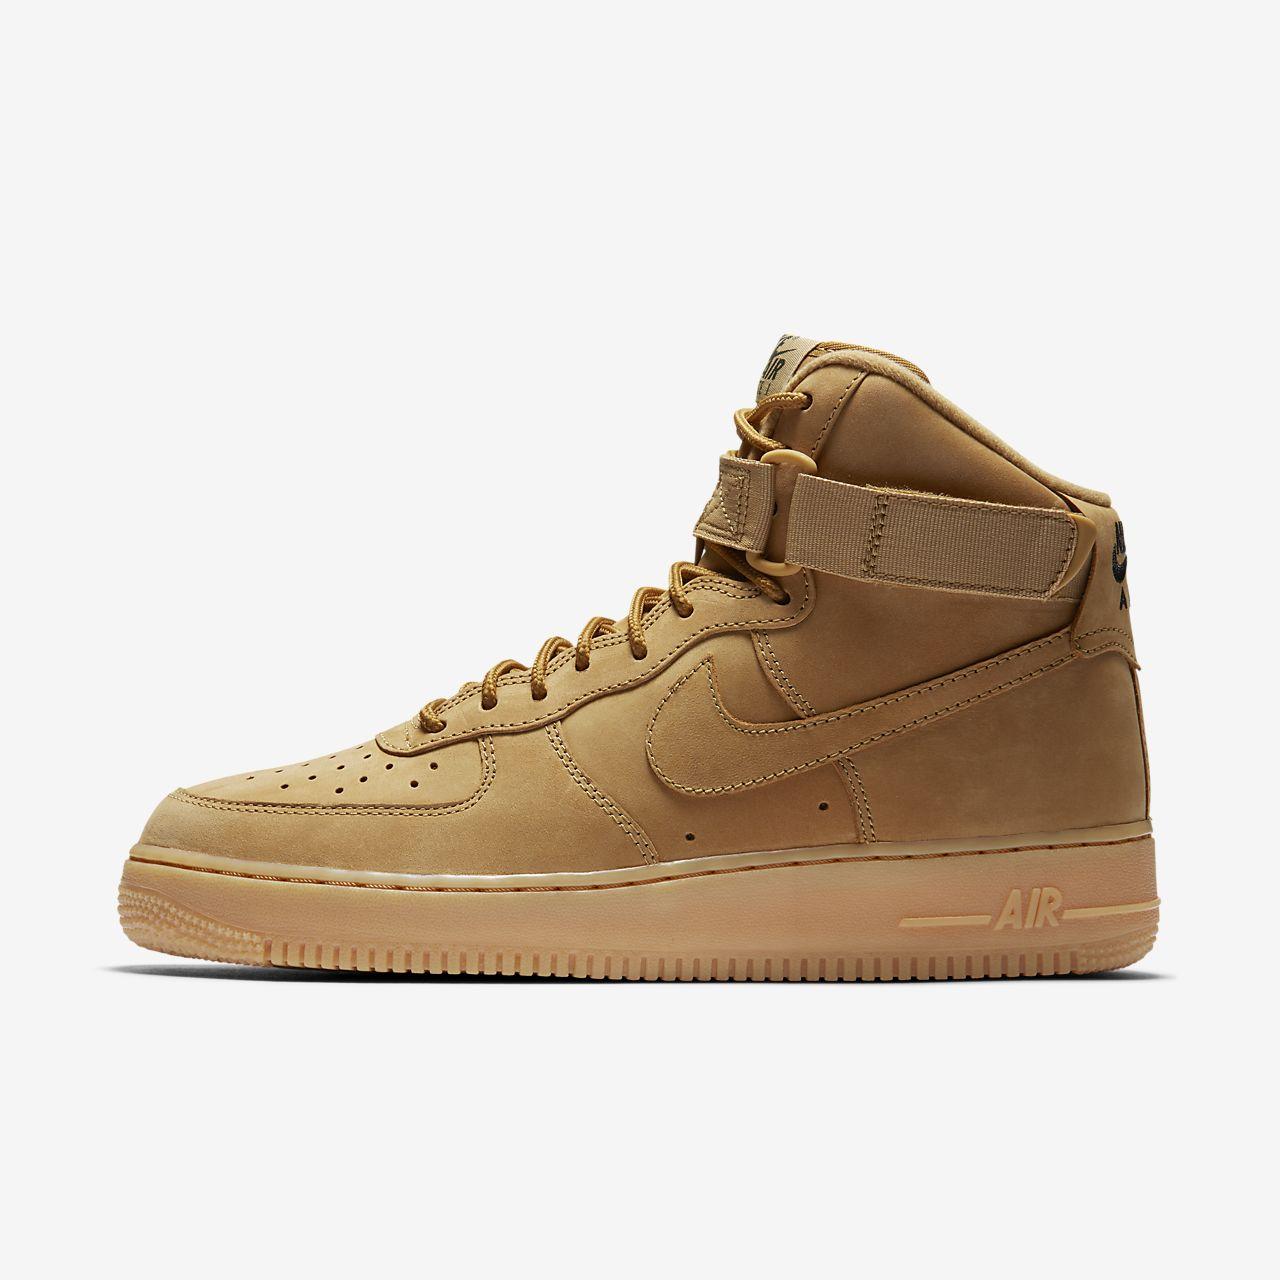 san francisco 76abb b4b06 ... Calzado para hombre Nike Air Force 1 High 07 LV8 WB